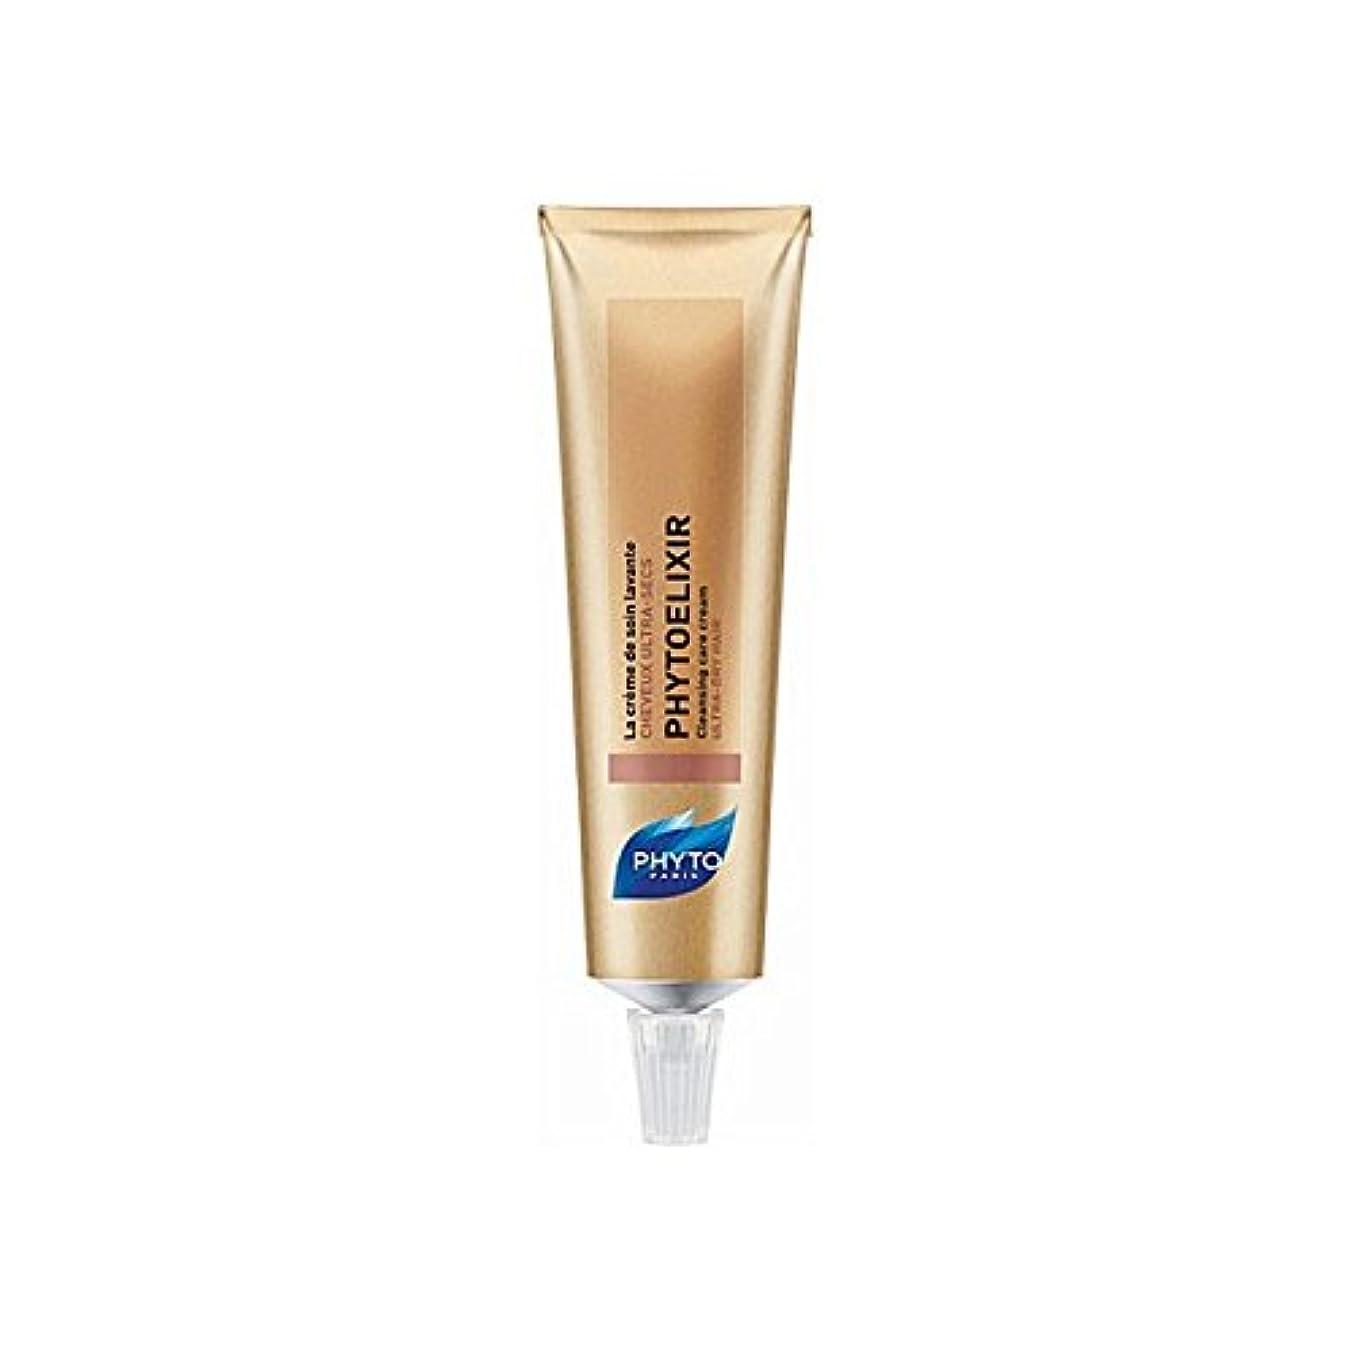 ボリュームマガジンより多いフィトクレンジングケアクリーム x4 - Phyto Phytoelixir Cleansing Care Cream (Pack of 4) [並行輸入品]